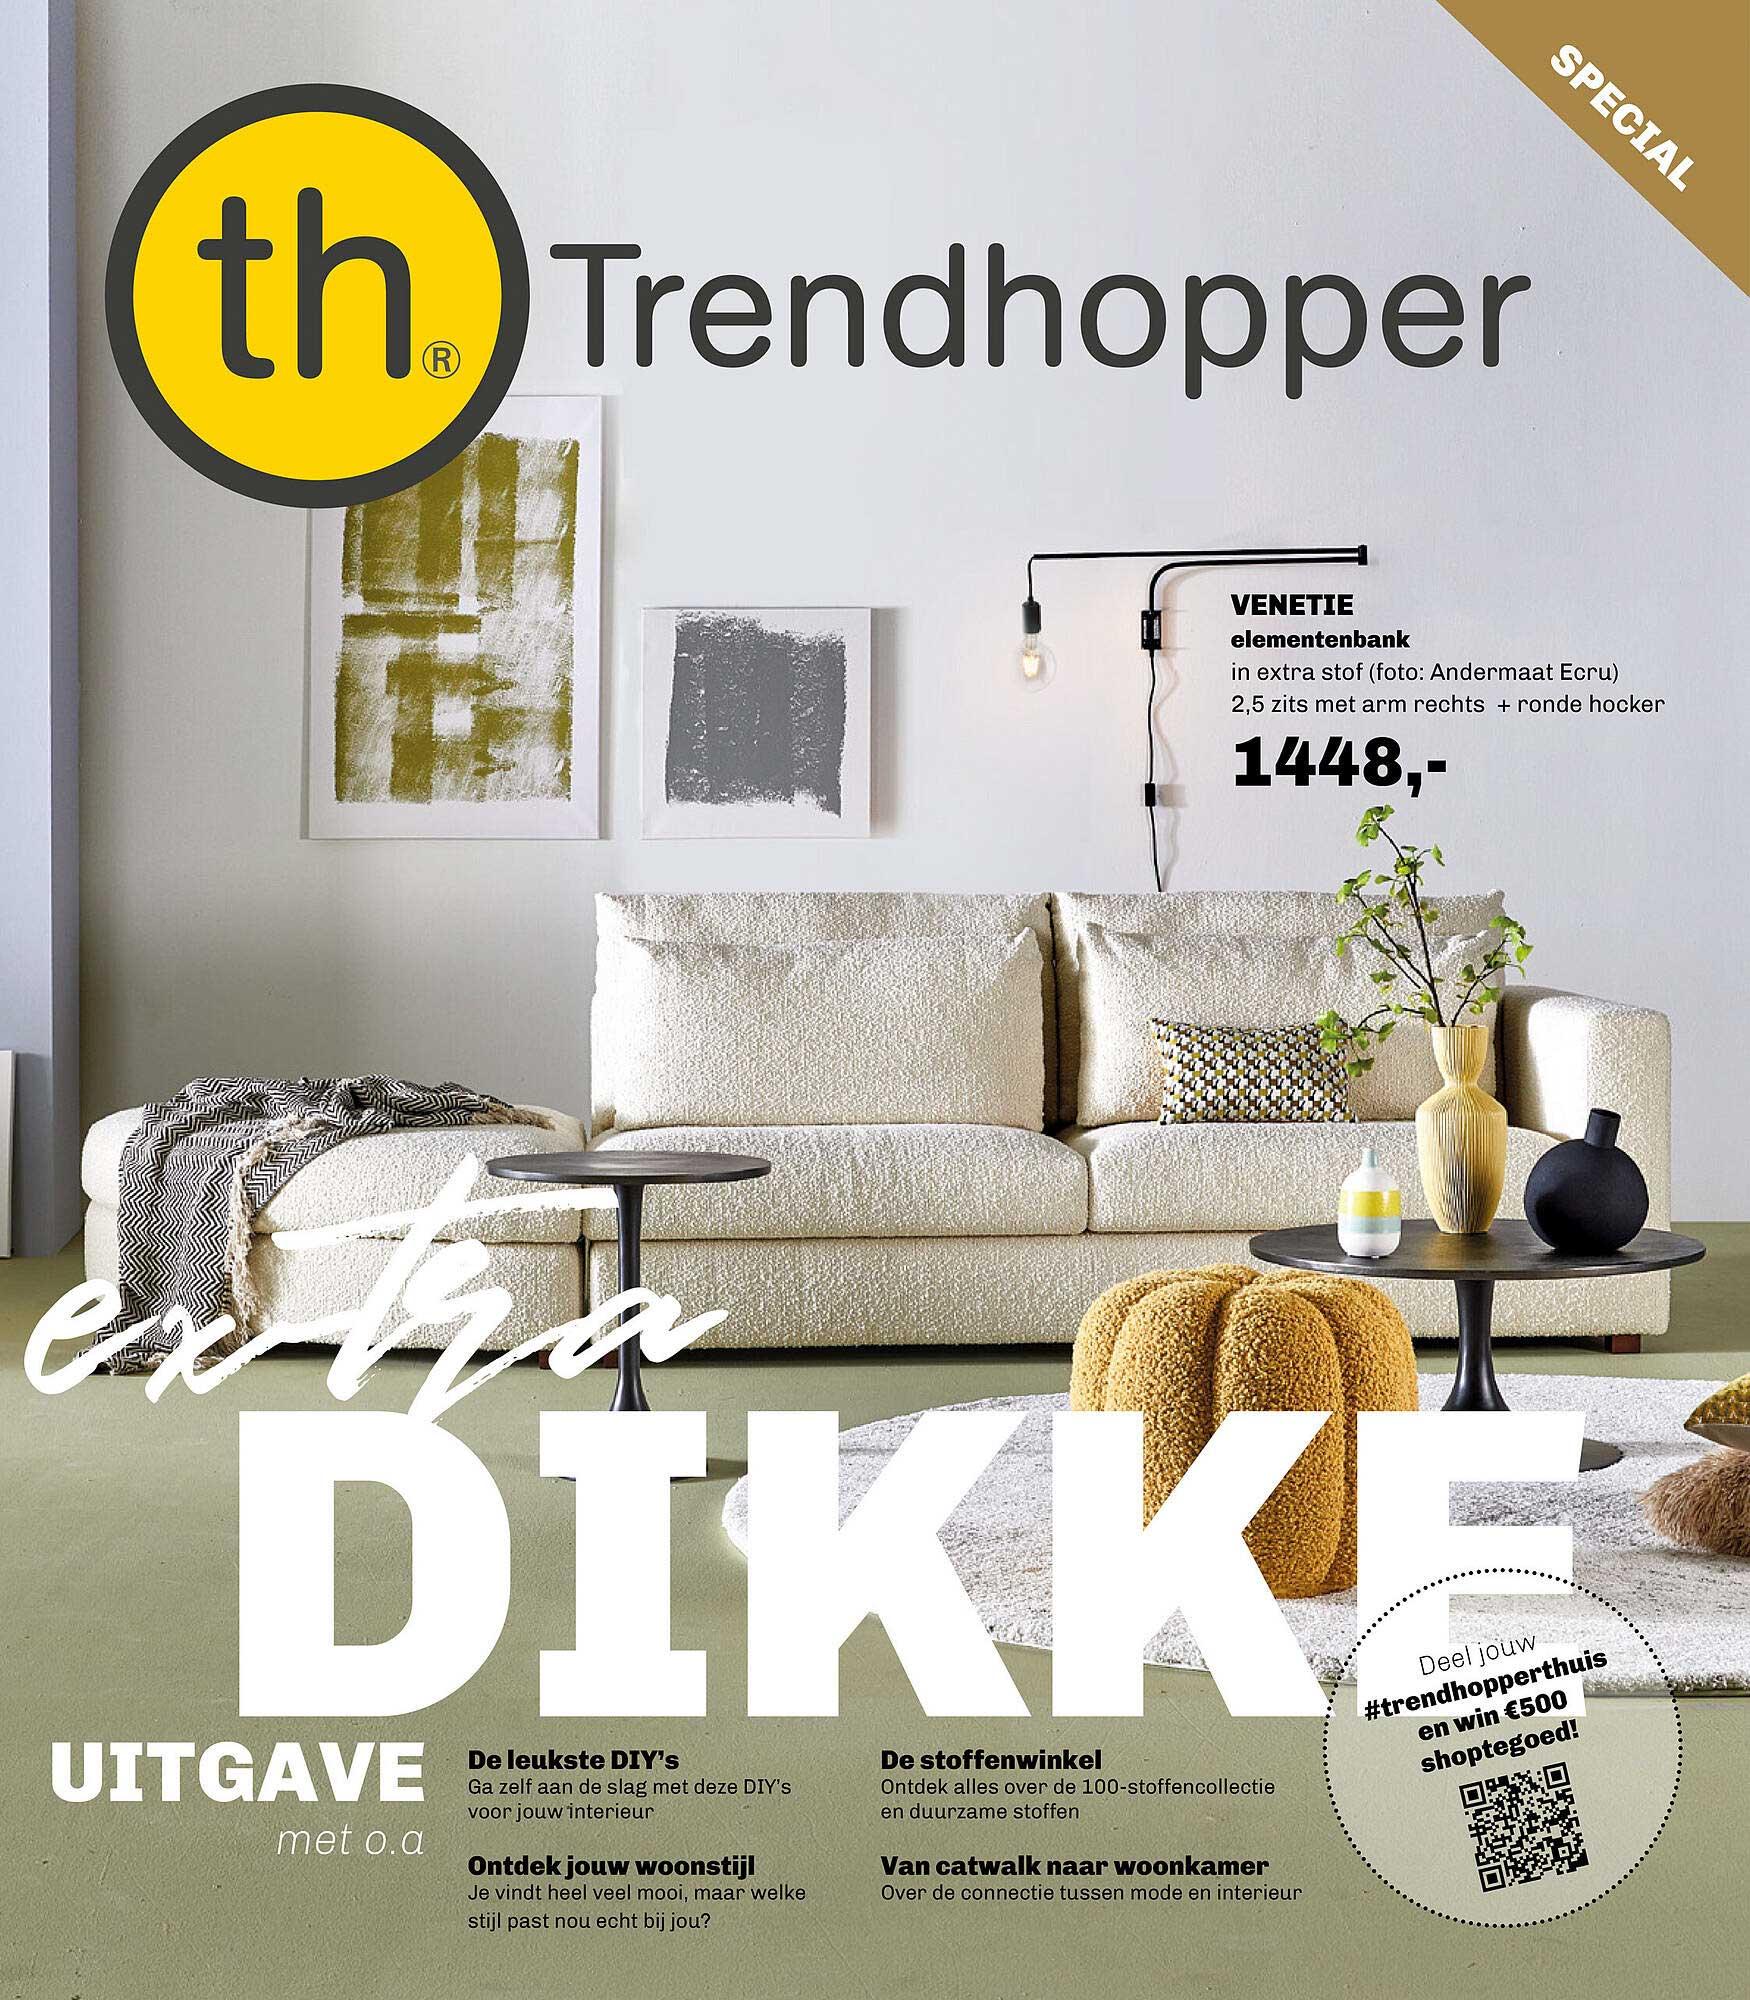 Trendhopper Venetie Elementenbank